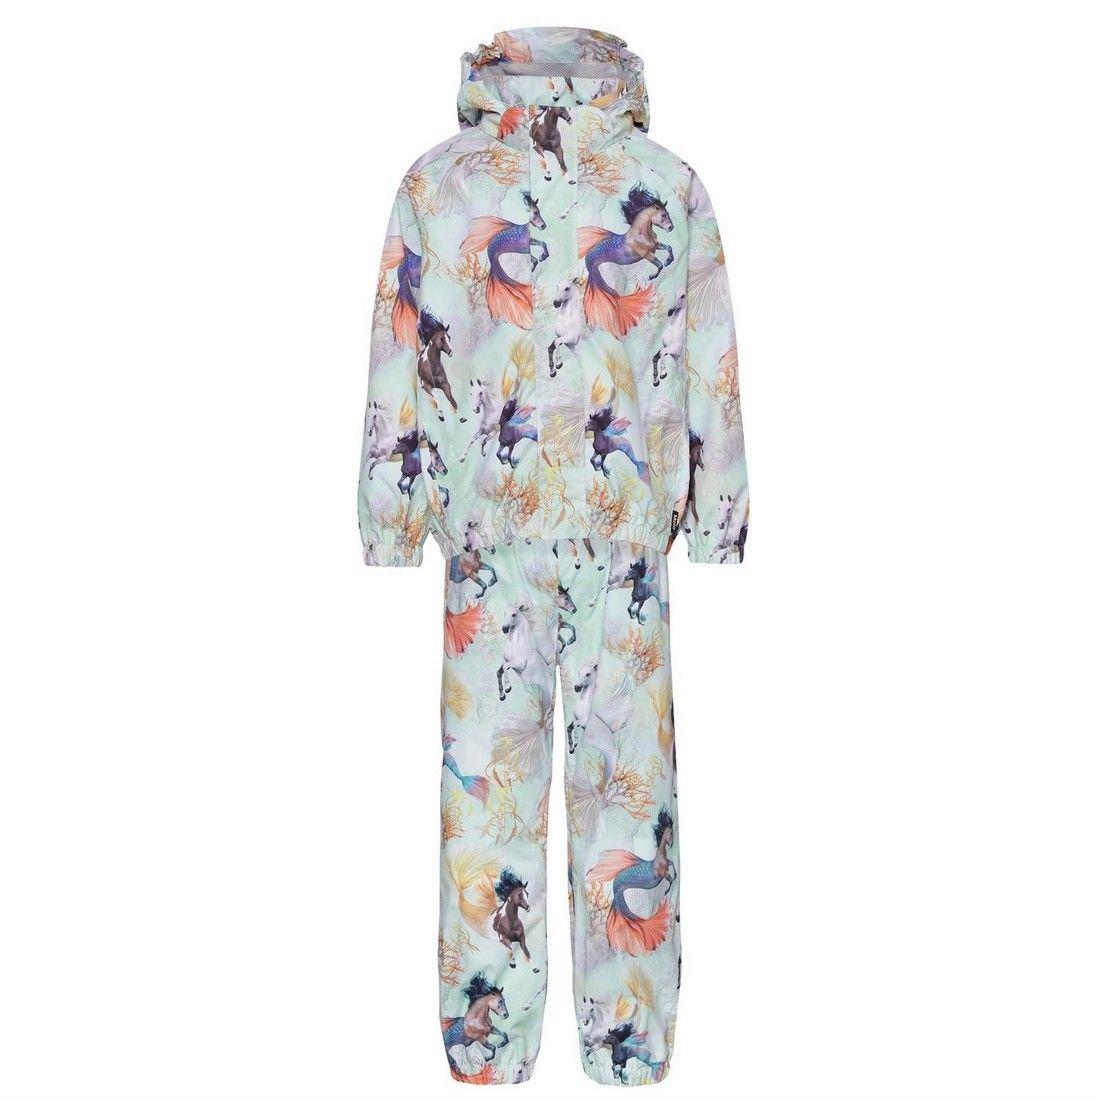 Комплект Molo (куртка+брюки) Whalley Swiming Horses